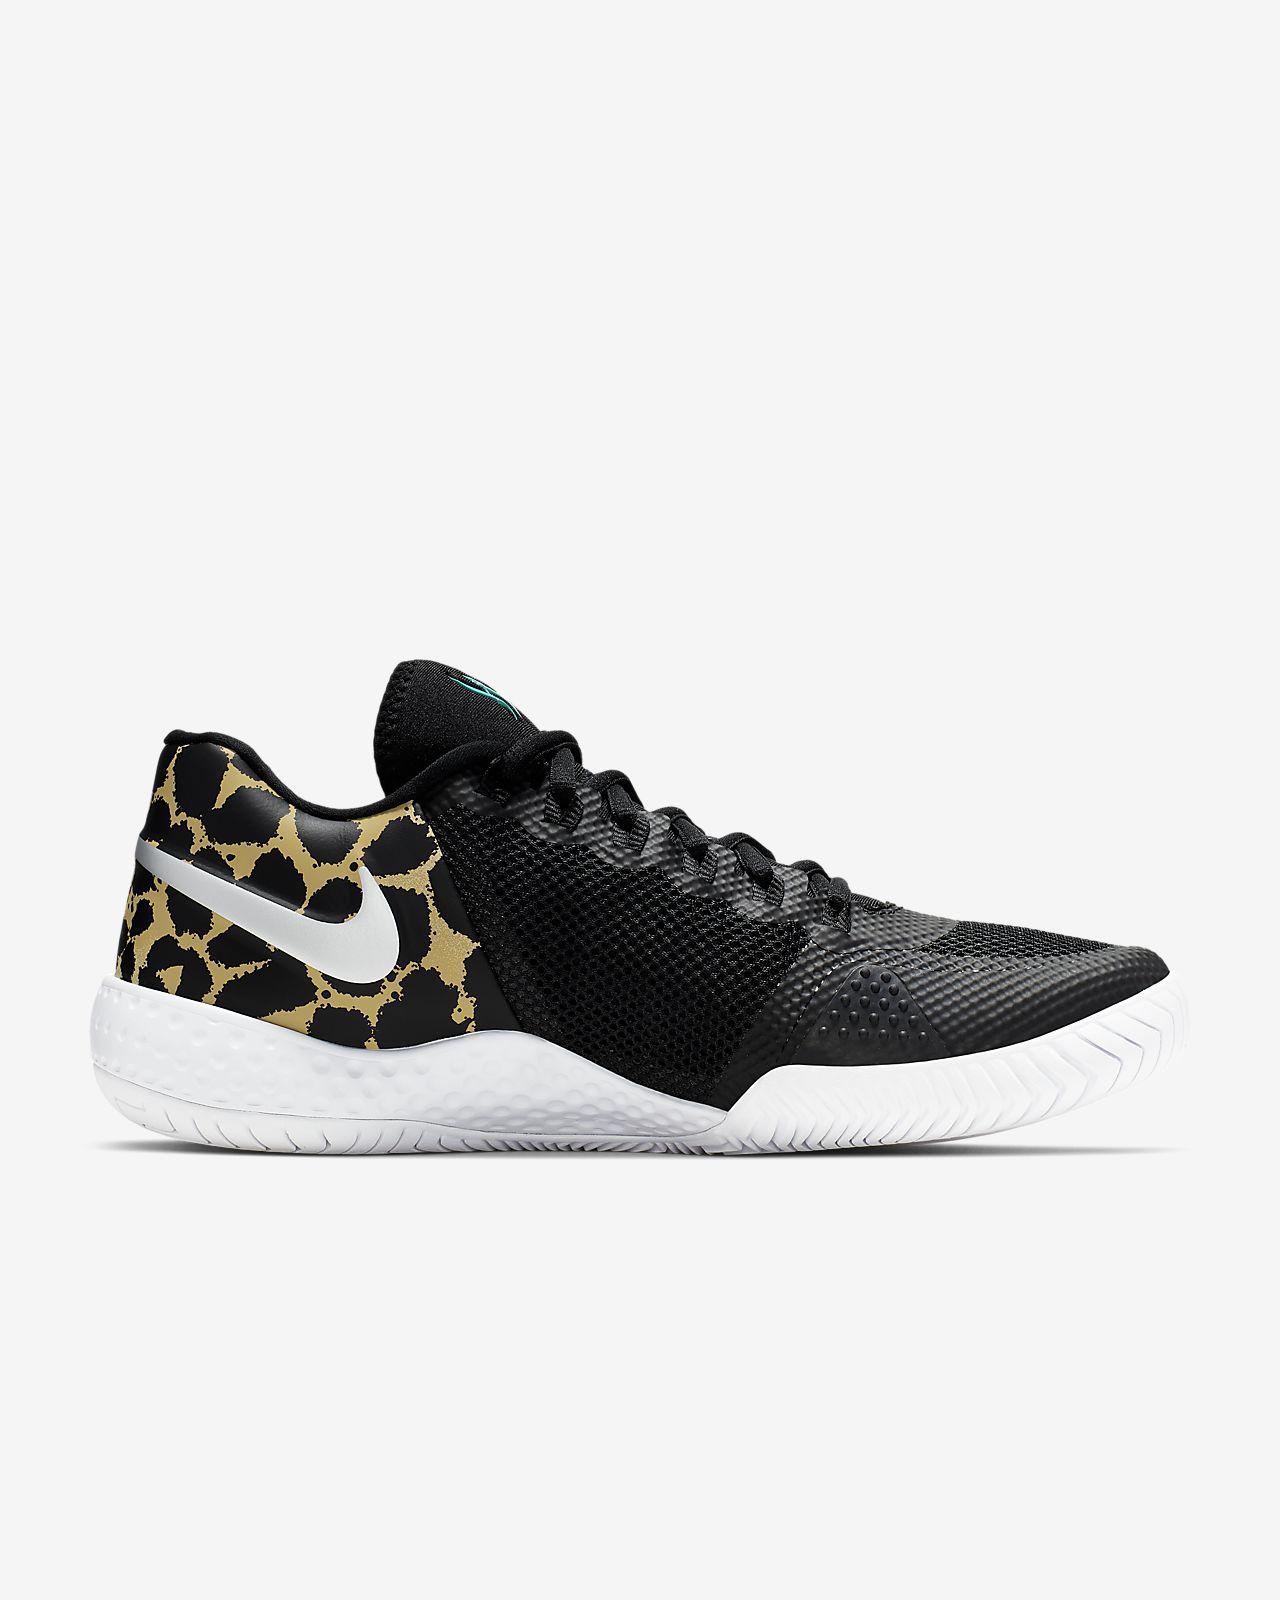 Tennis Flare Nikecourt 2 De Pour Dure Chaussure Surface Femme QWEodCrxeB